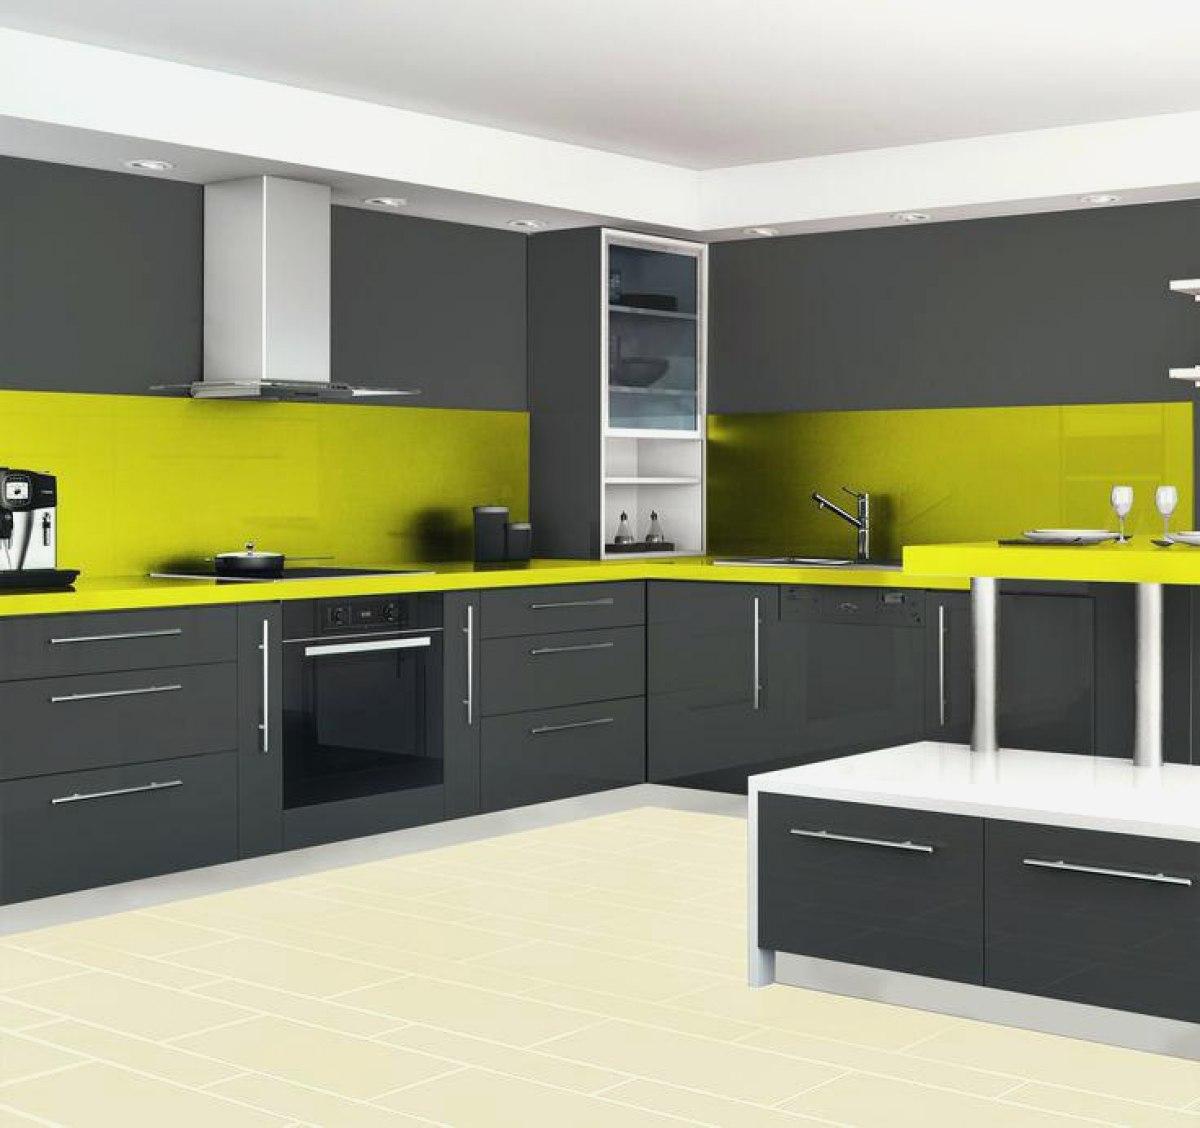 meuble cuisine vert pomme id e pour cuisine. Black Bedroom Furniture Sets. Home Design Ideas